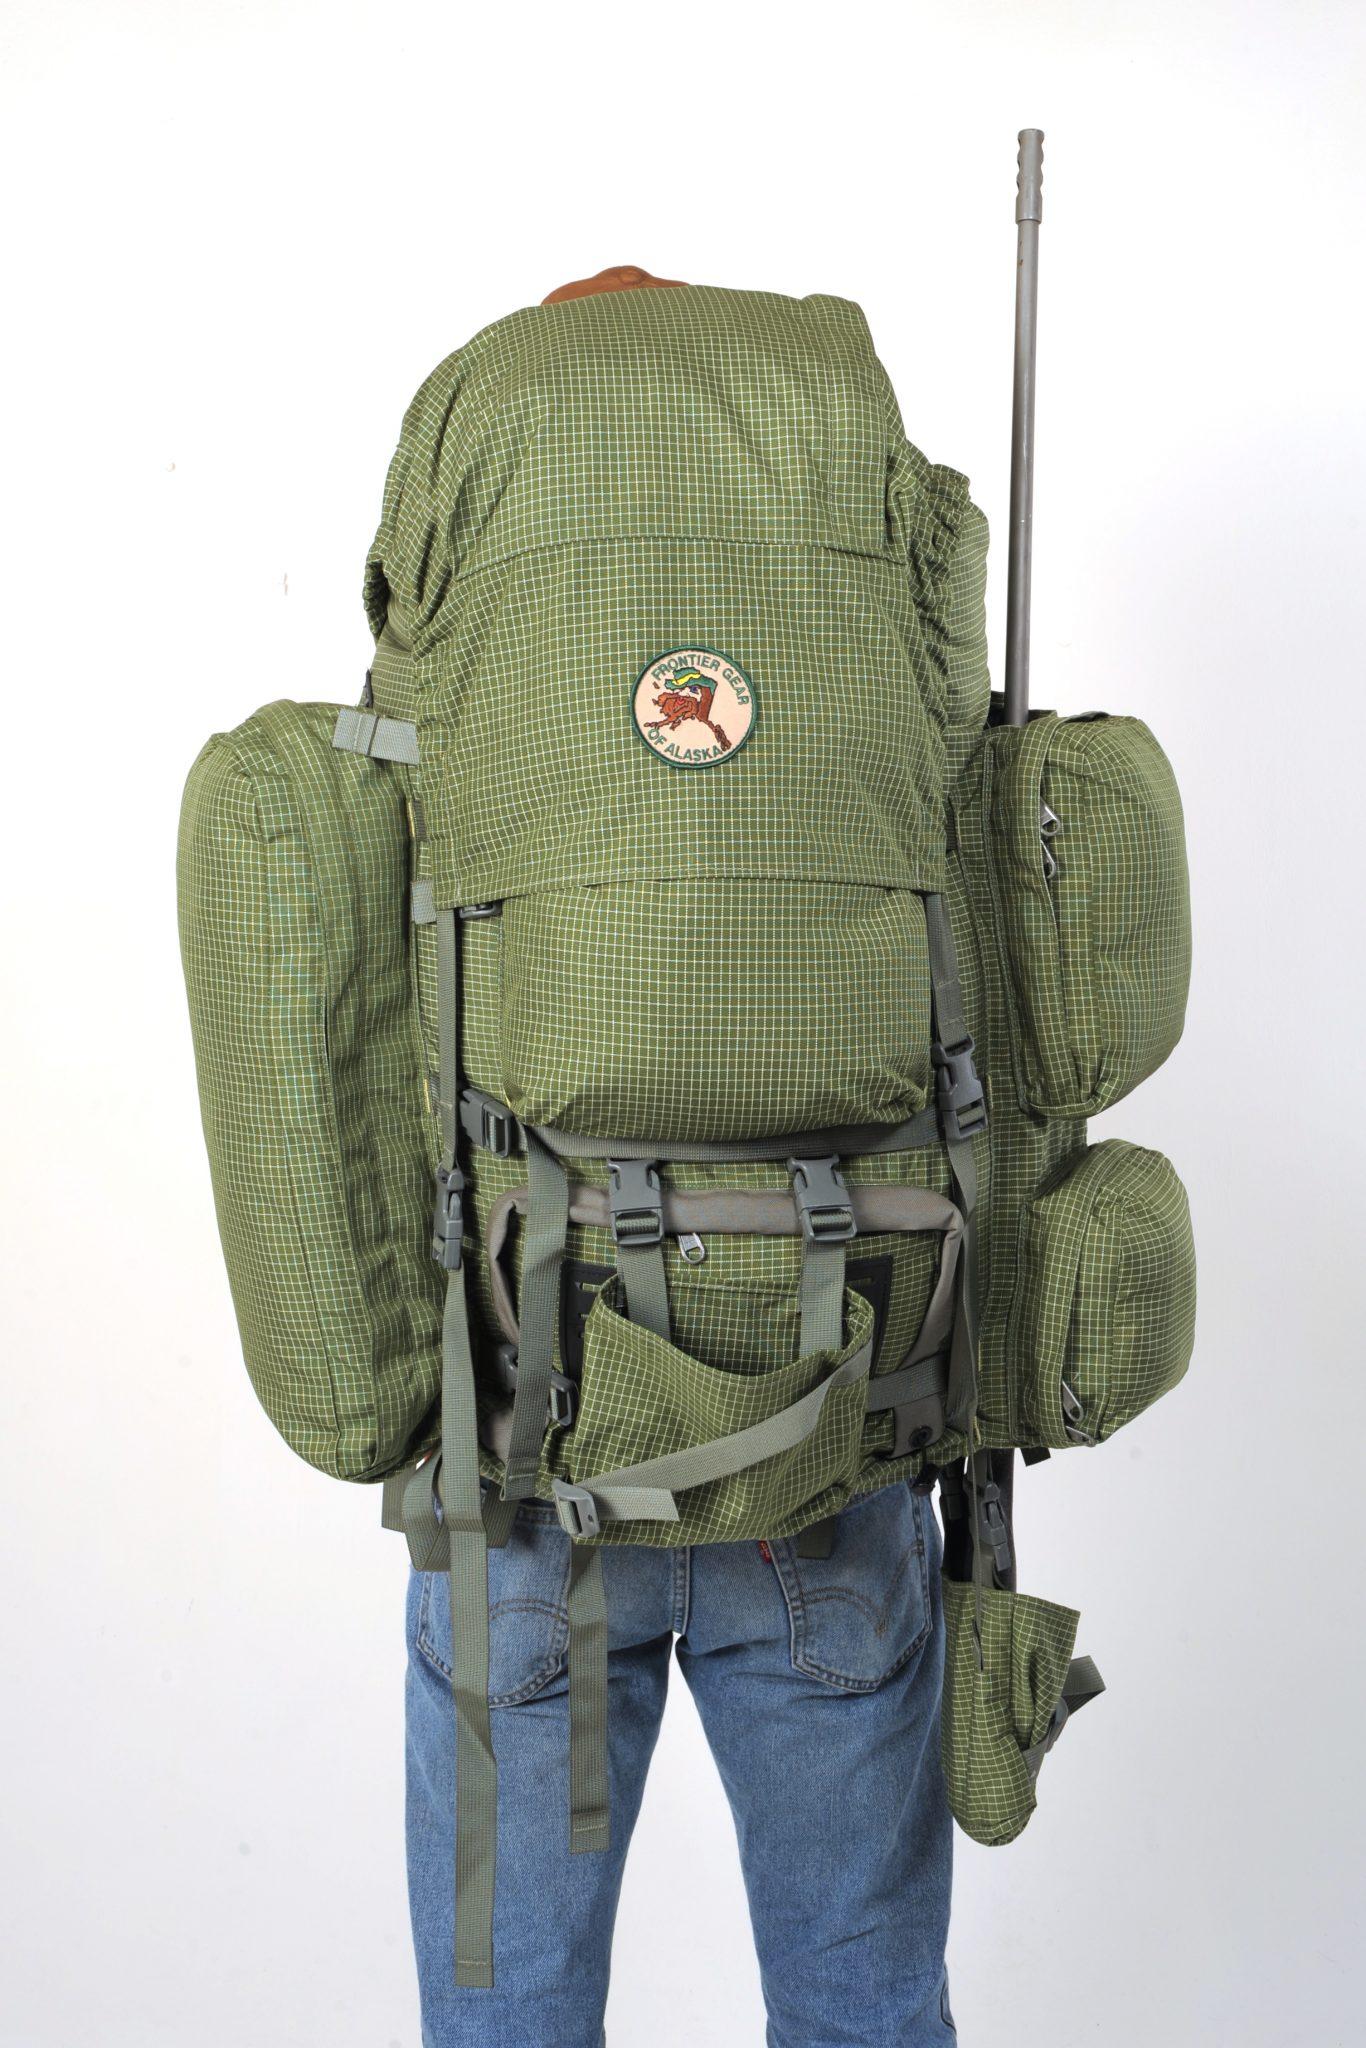 Frontier Gear Of Alaska Hunter Pack Bag Only Barneys